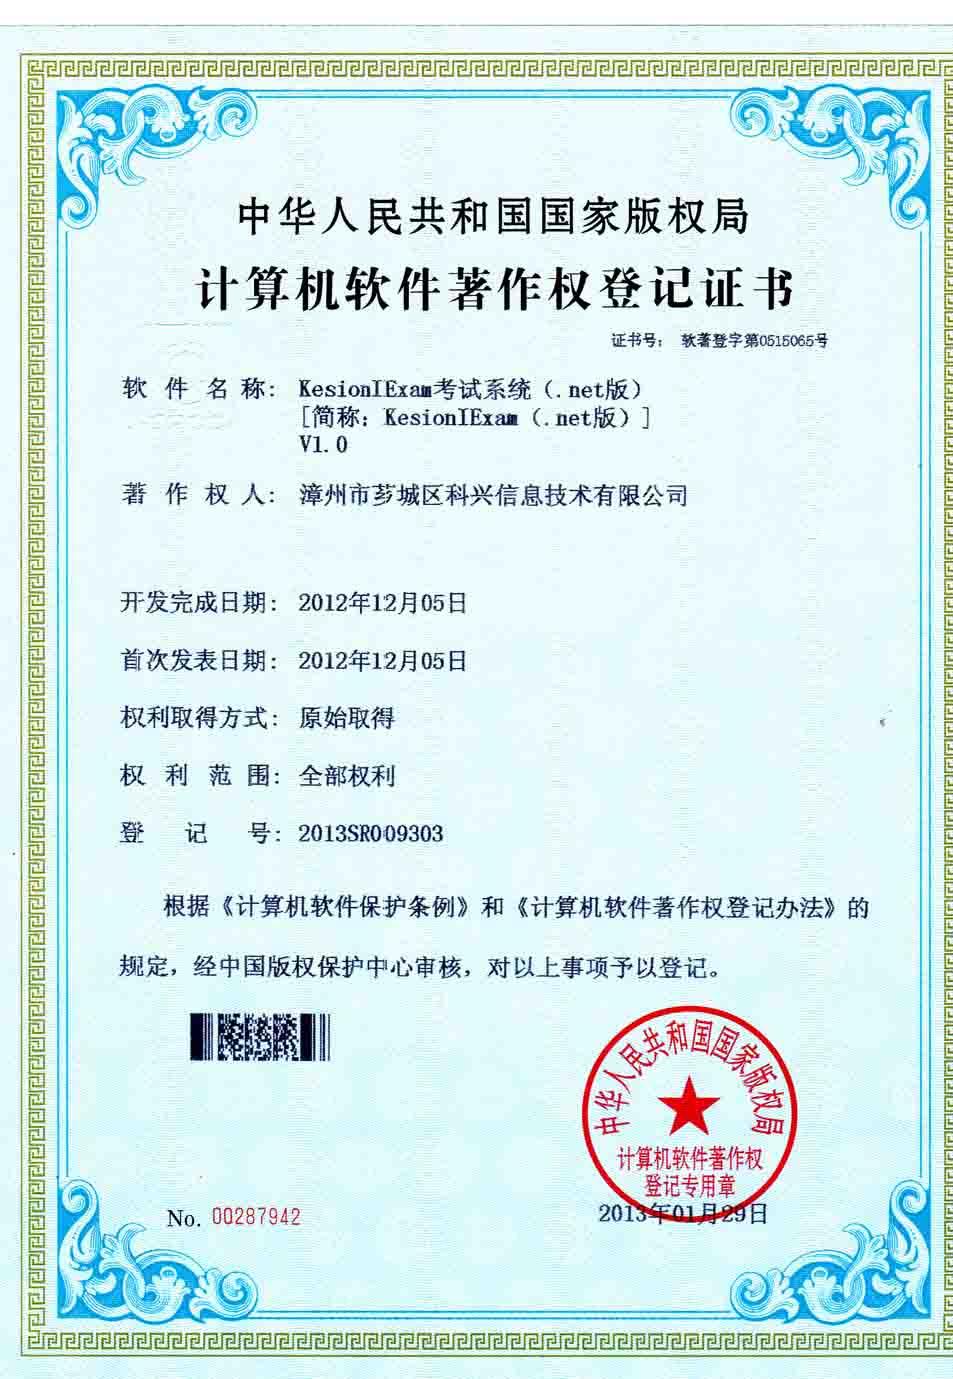 贺NET版本软件版权登记成功(将于近期发布BETA版)